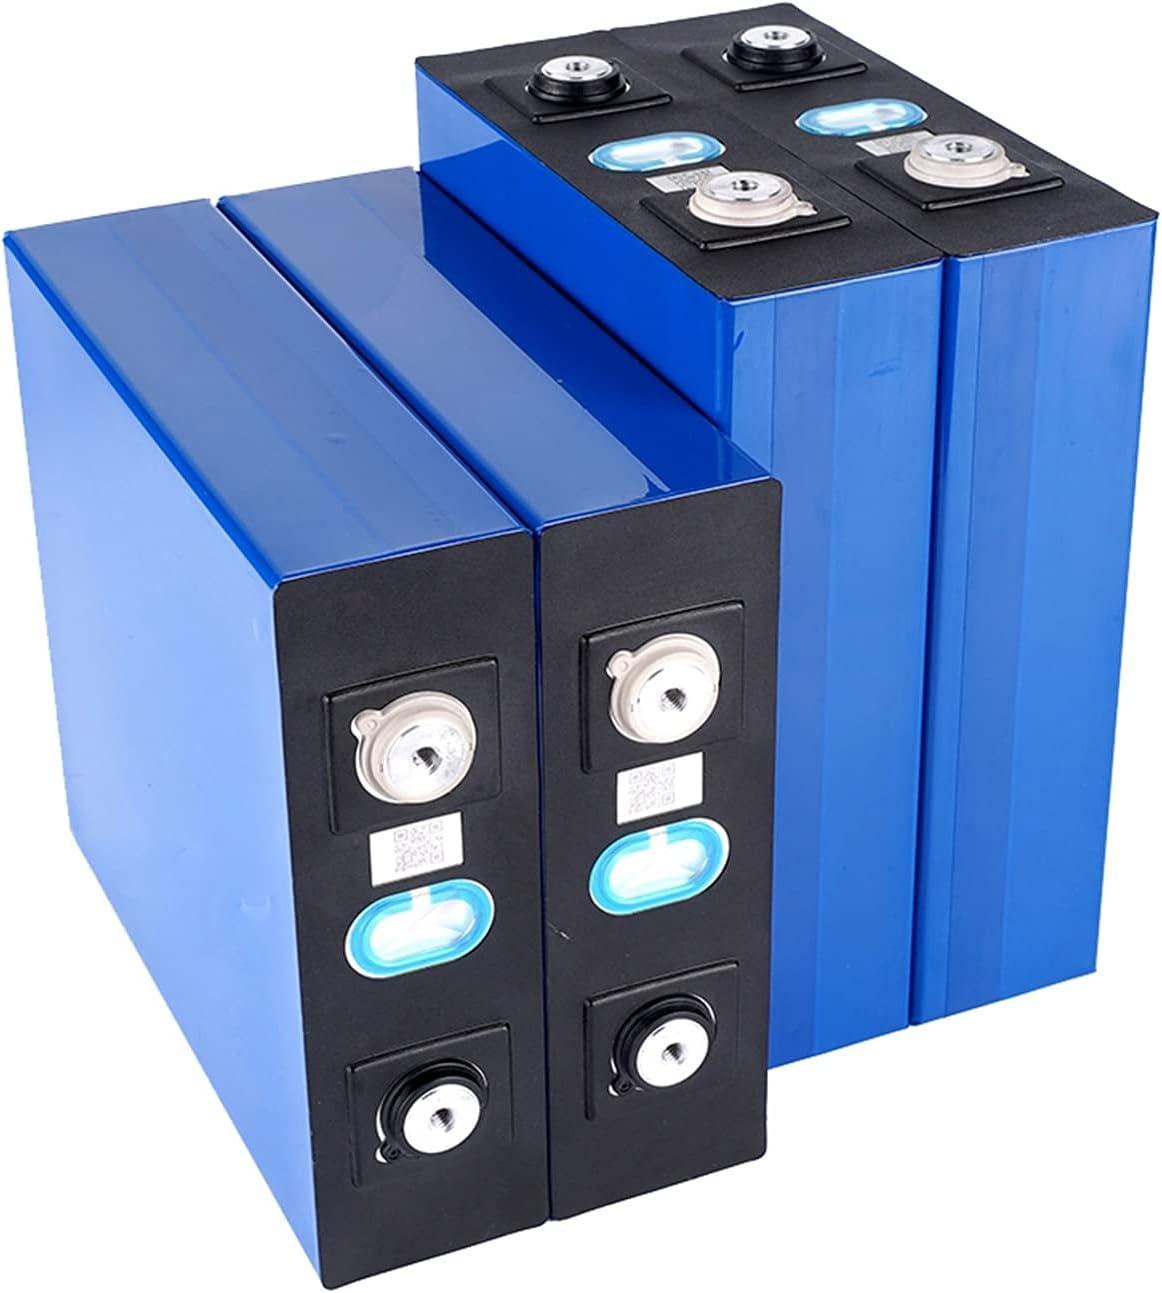 ZOOMLOFT 4PCS 3.2V 200Ah Lifepo4 Batería 12V 200AH Celda Litio Hierro Fosfato Solar UE Libre De Impuestos